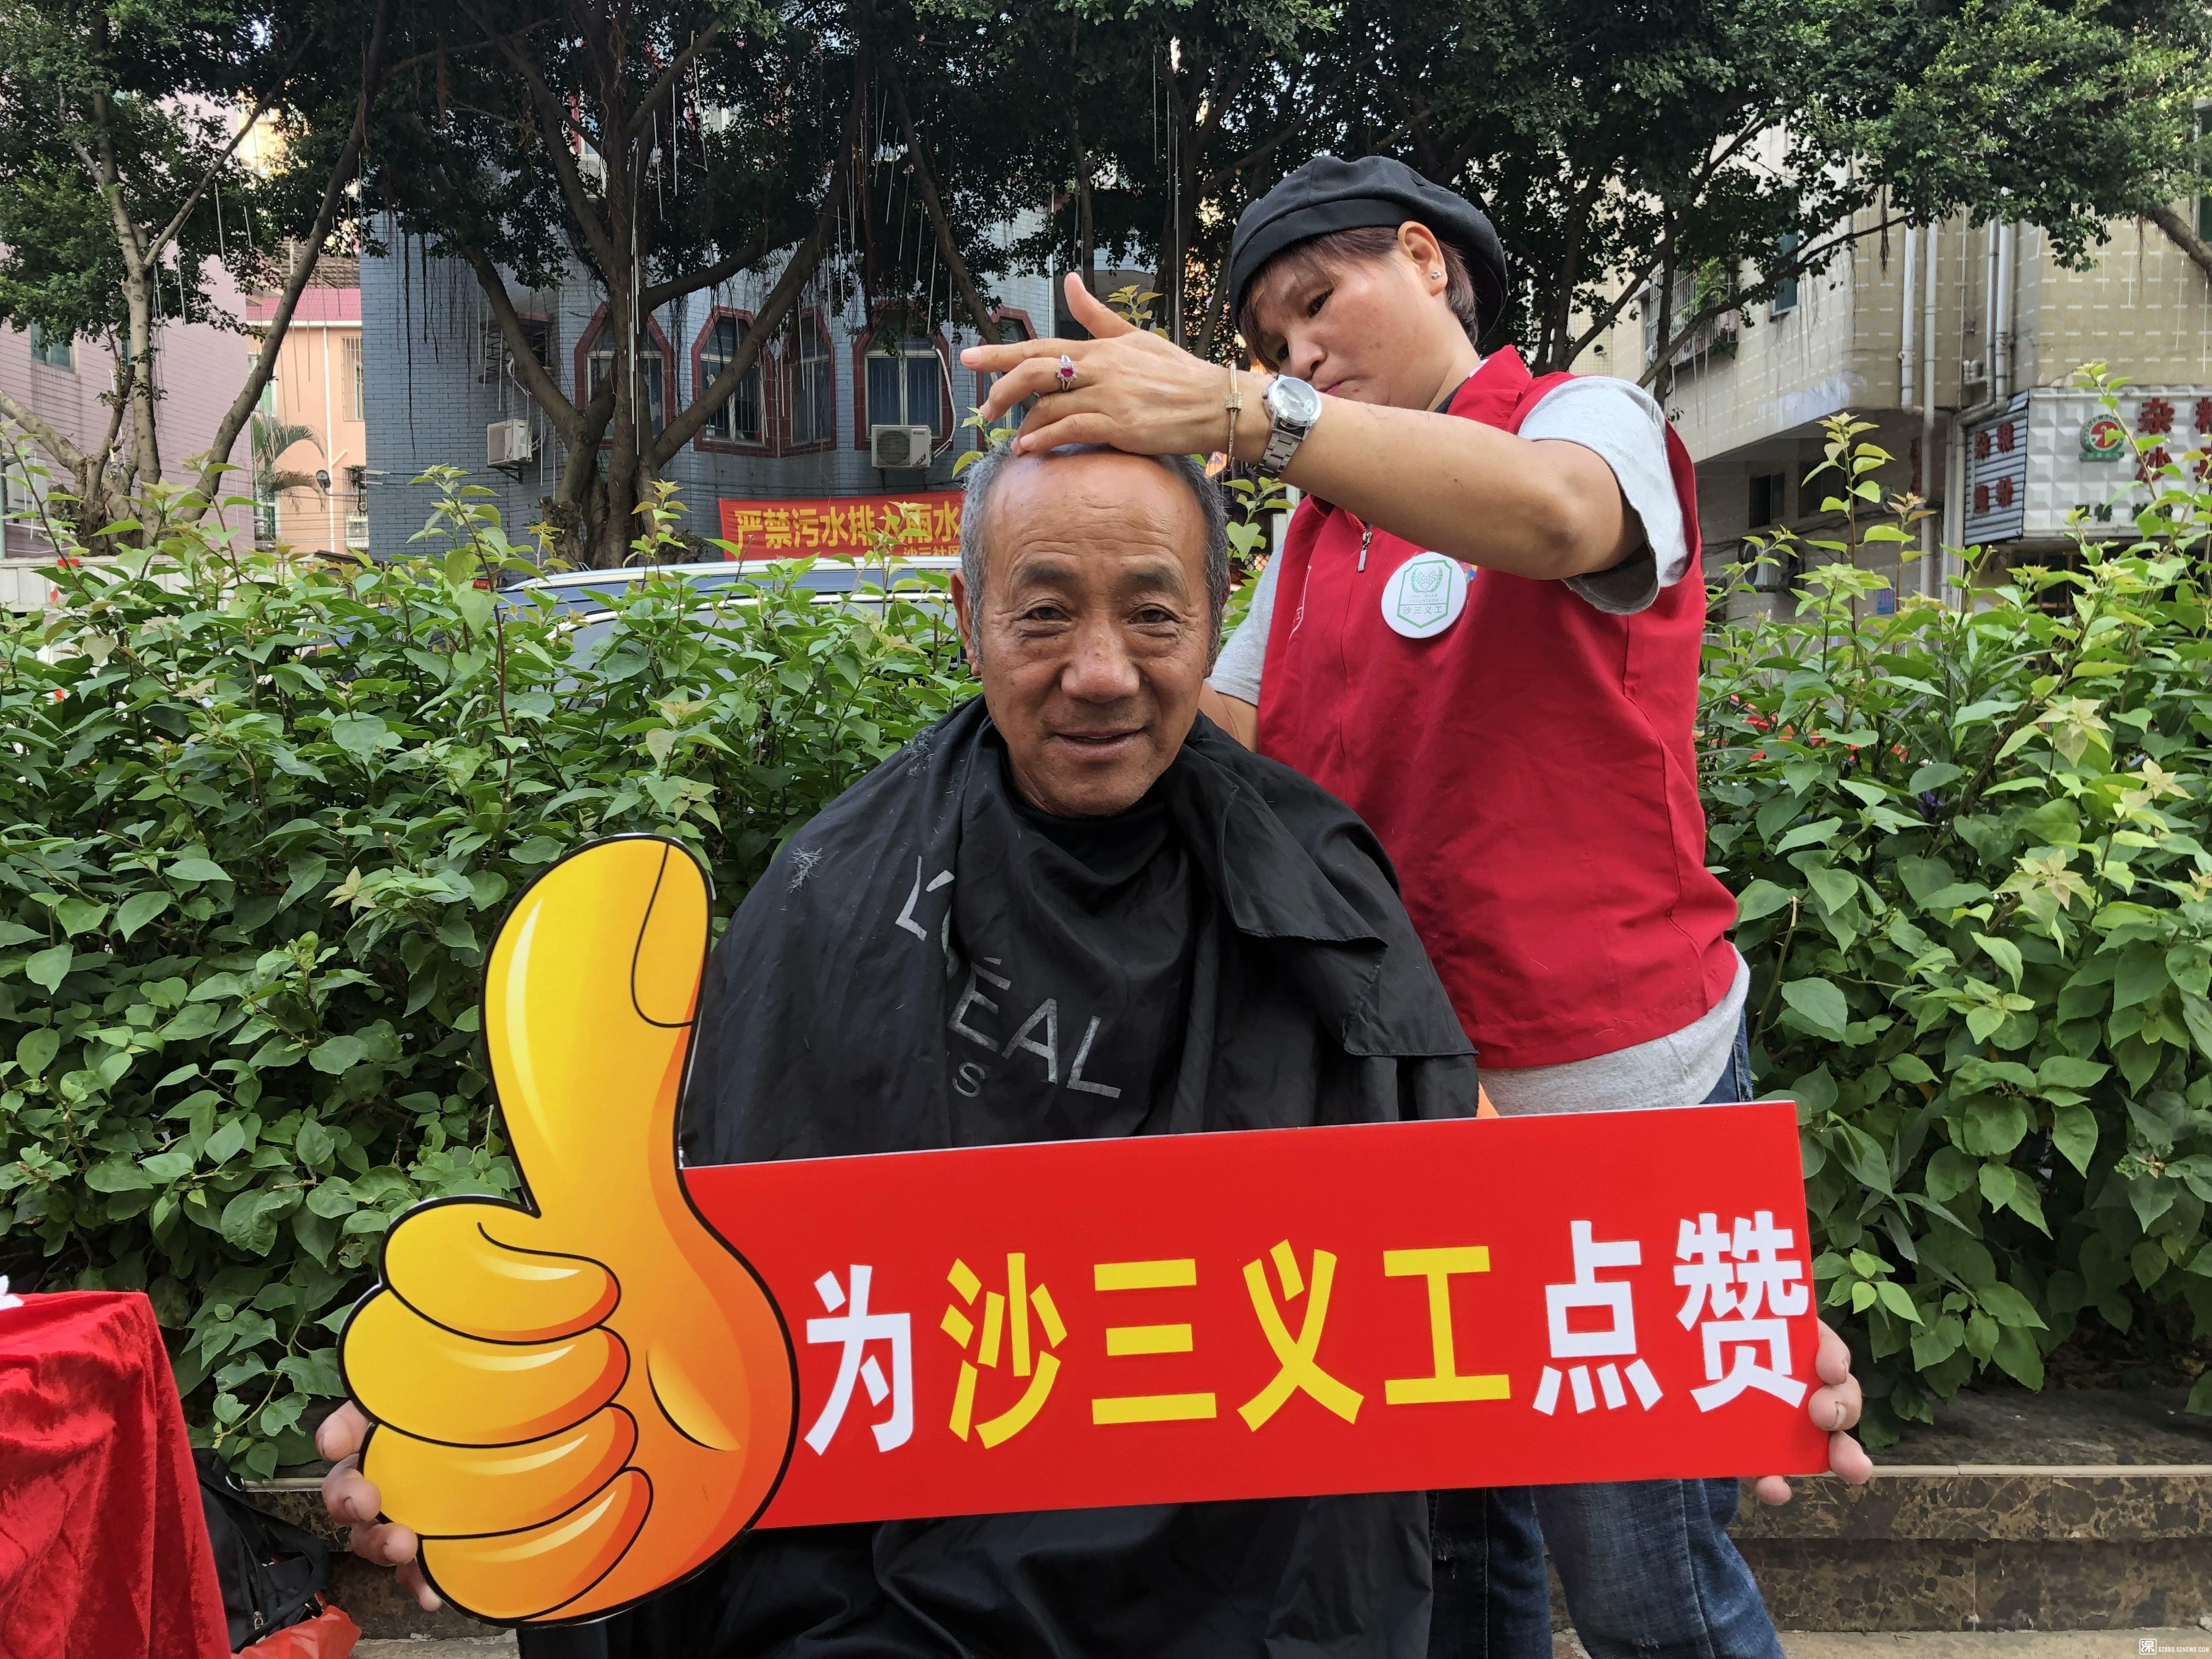 《特大福田喜讯,广结善缘,千载难逢的大好机缘》_二维码.jpeg